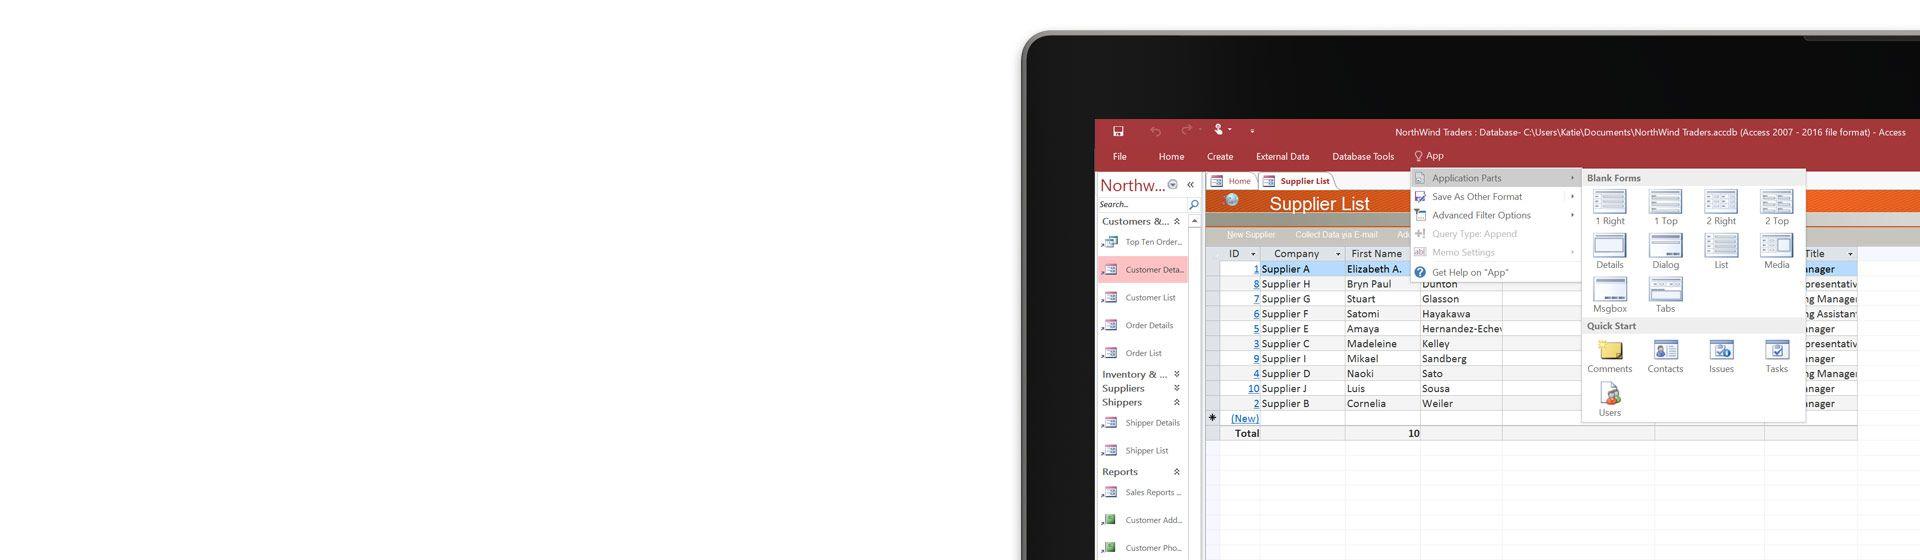 Microsoft Access के एक डेटाबेस में आपूर्तिकर्ता सूची प्रदर्शित करने वाला कंप्यूटर स्क्रीन का कोना.